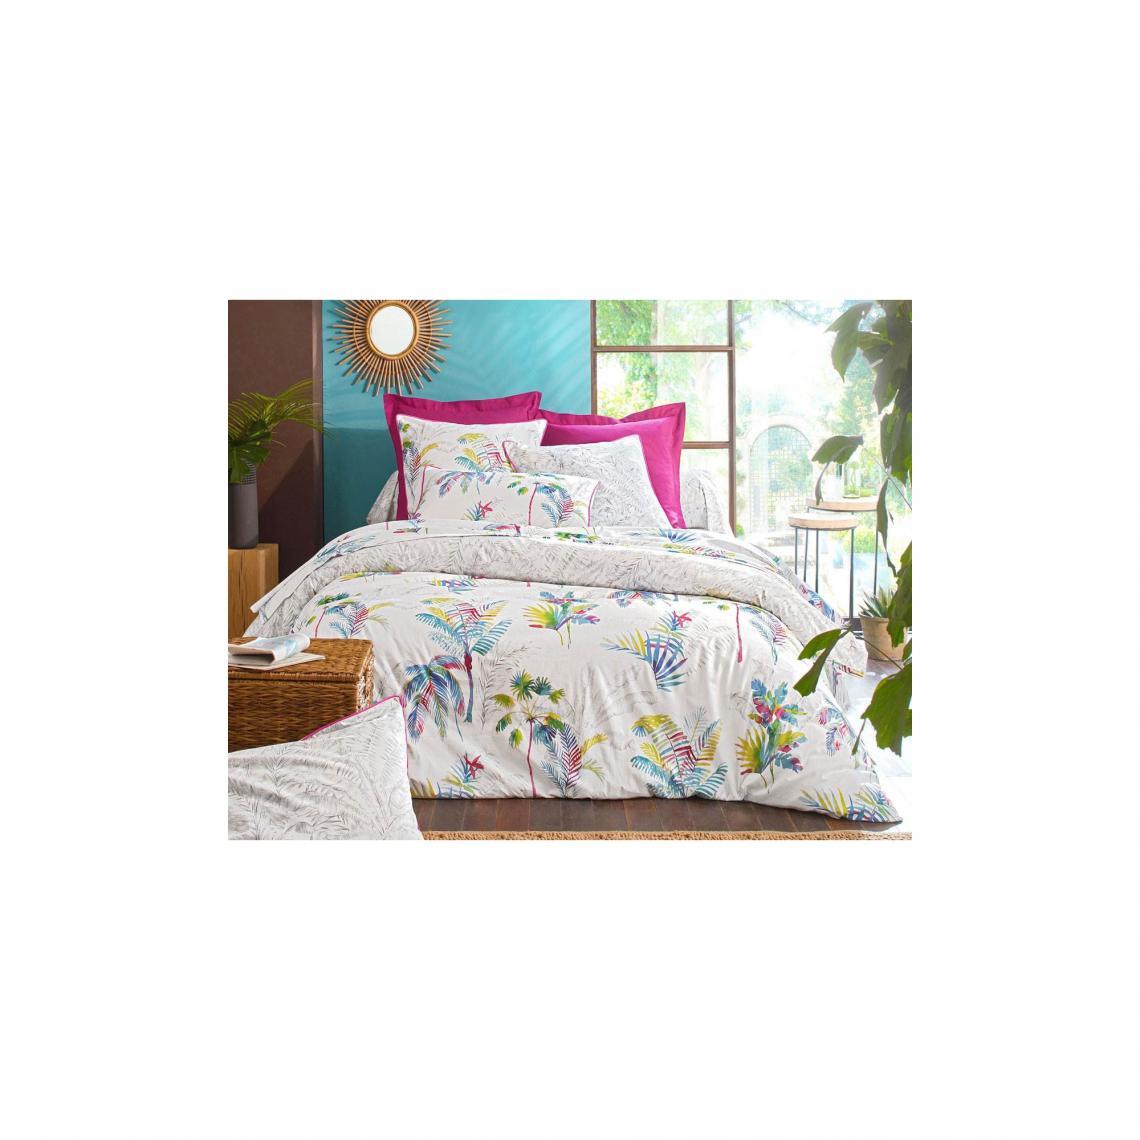 Housse De Couette Exotique Becquet Multicolore 3suisses